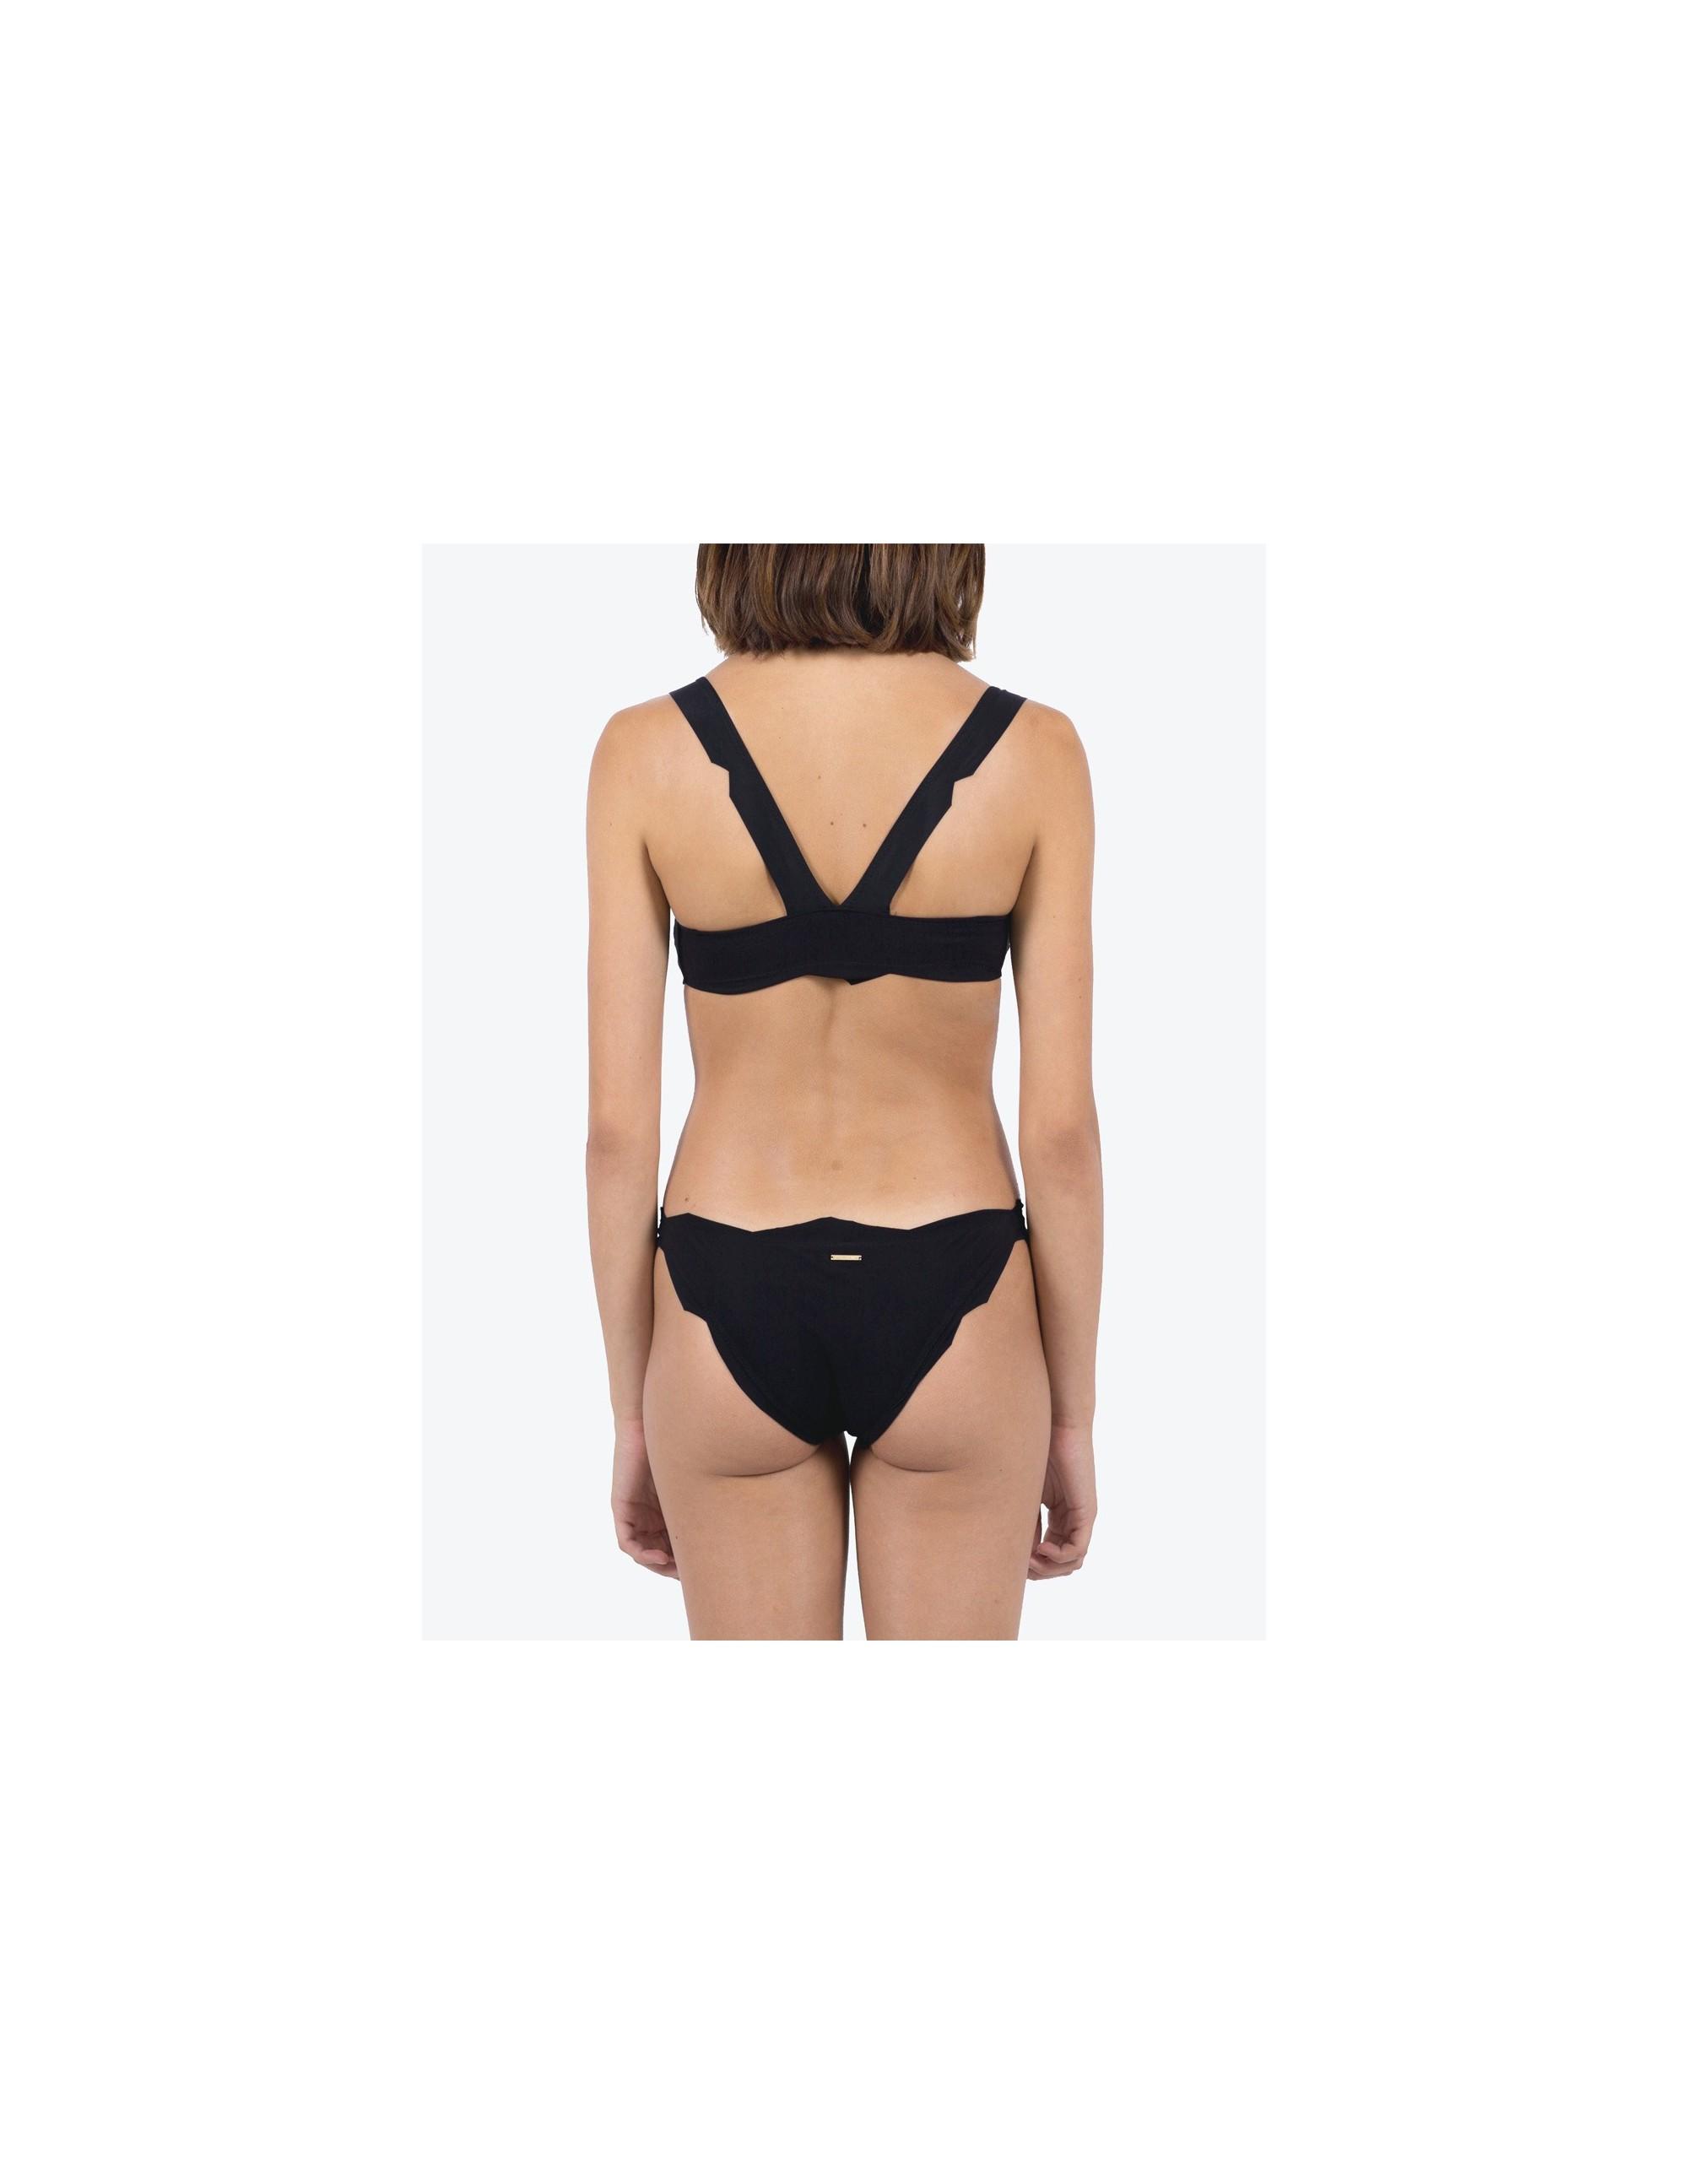 MONURIKI bikini top